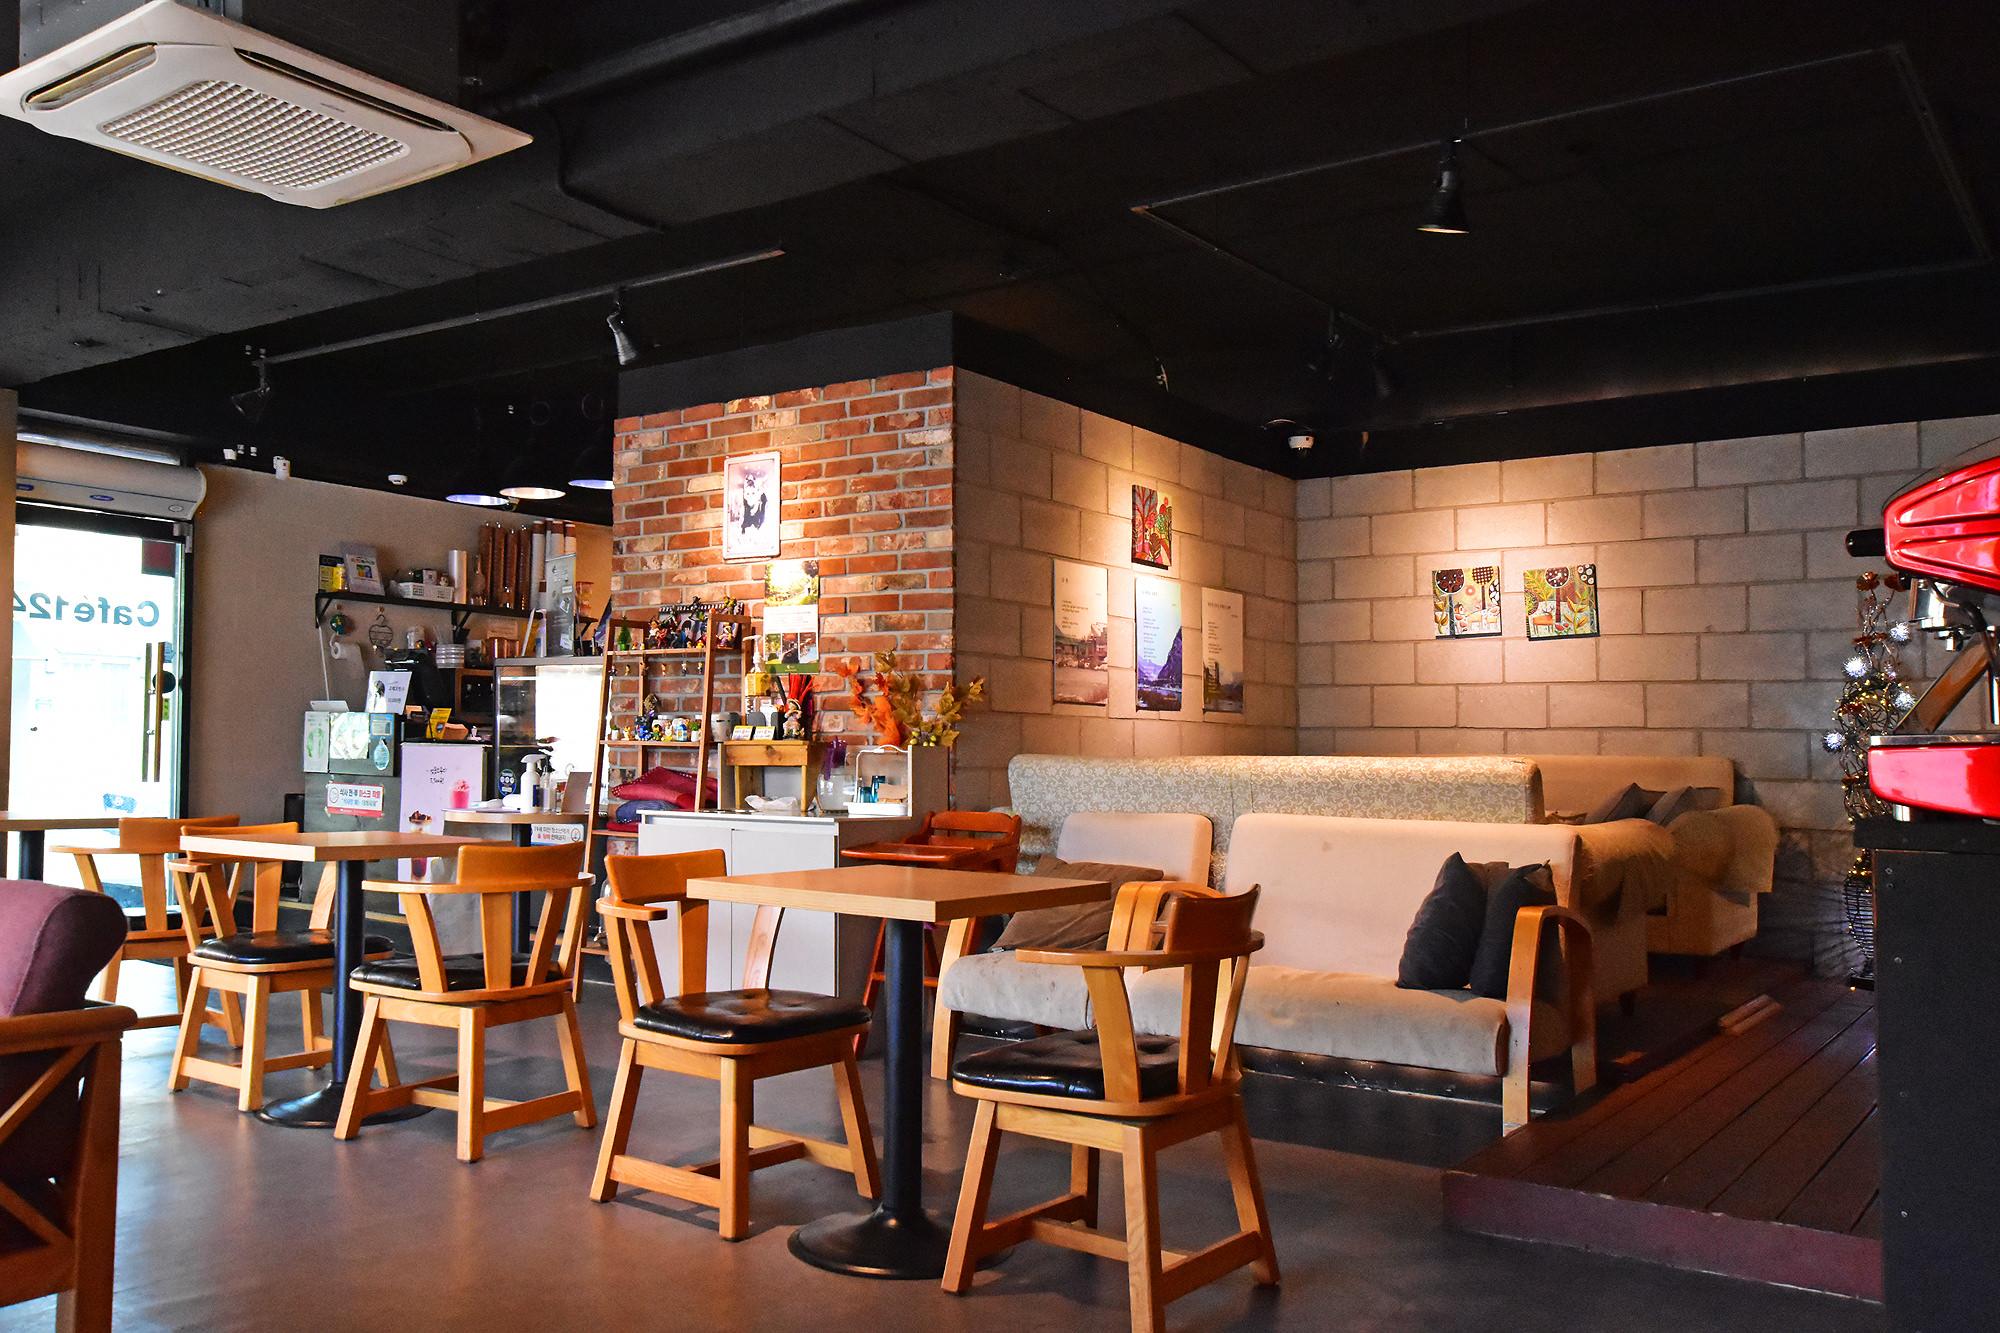 CAFE124 이미지 5